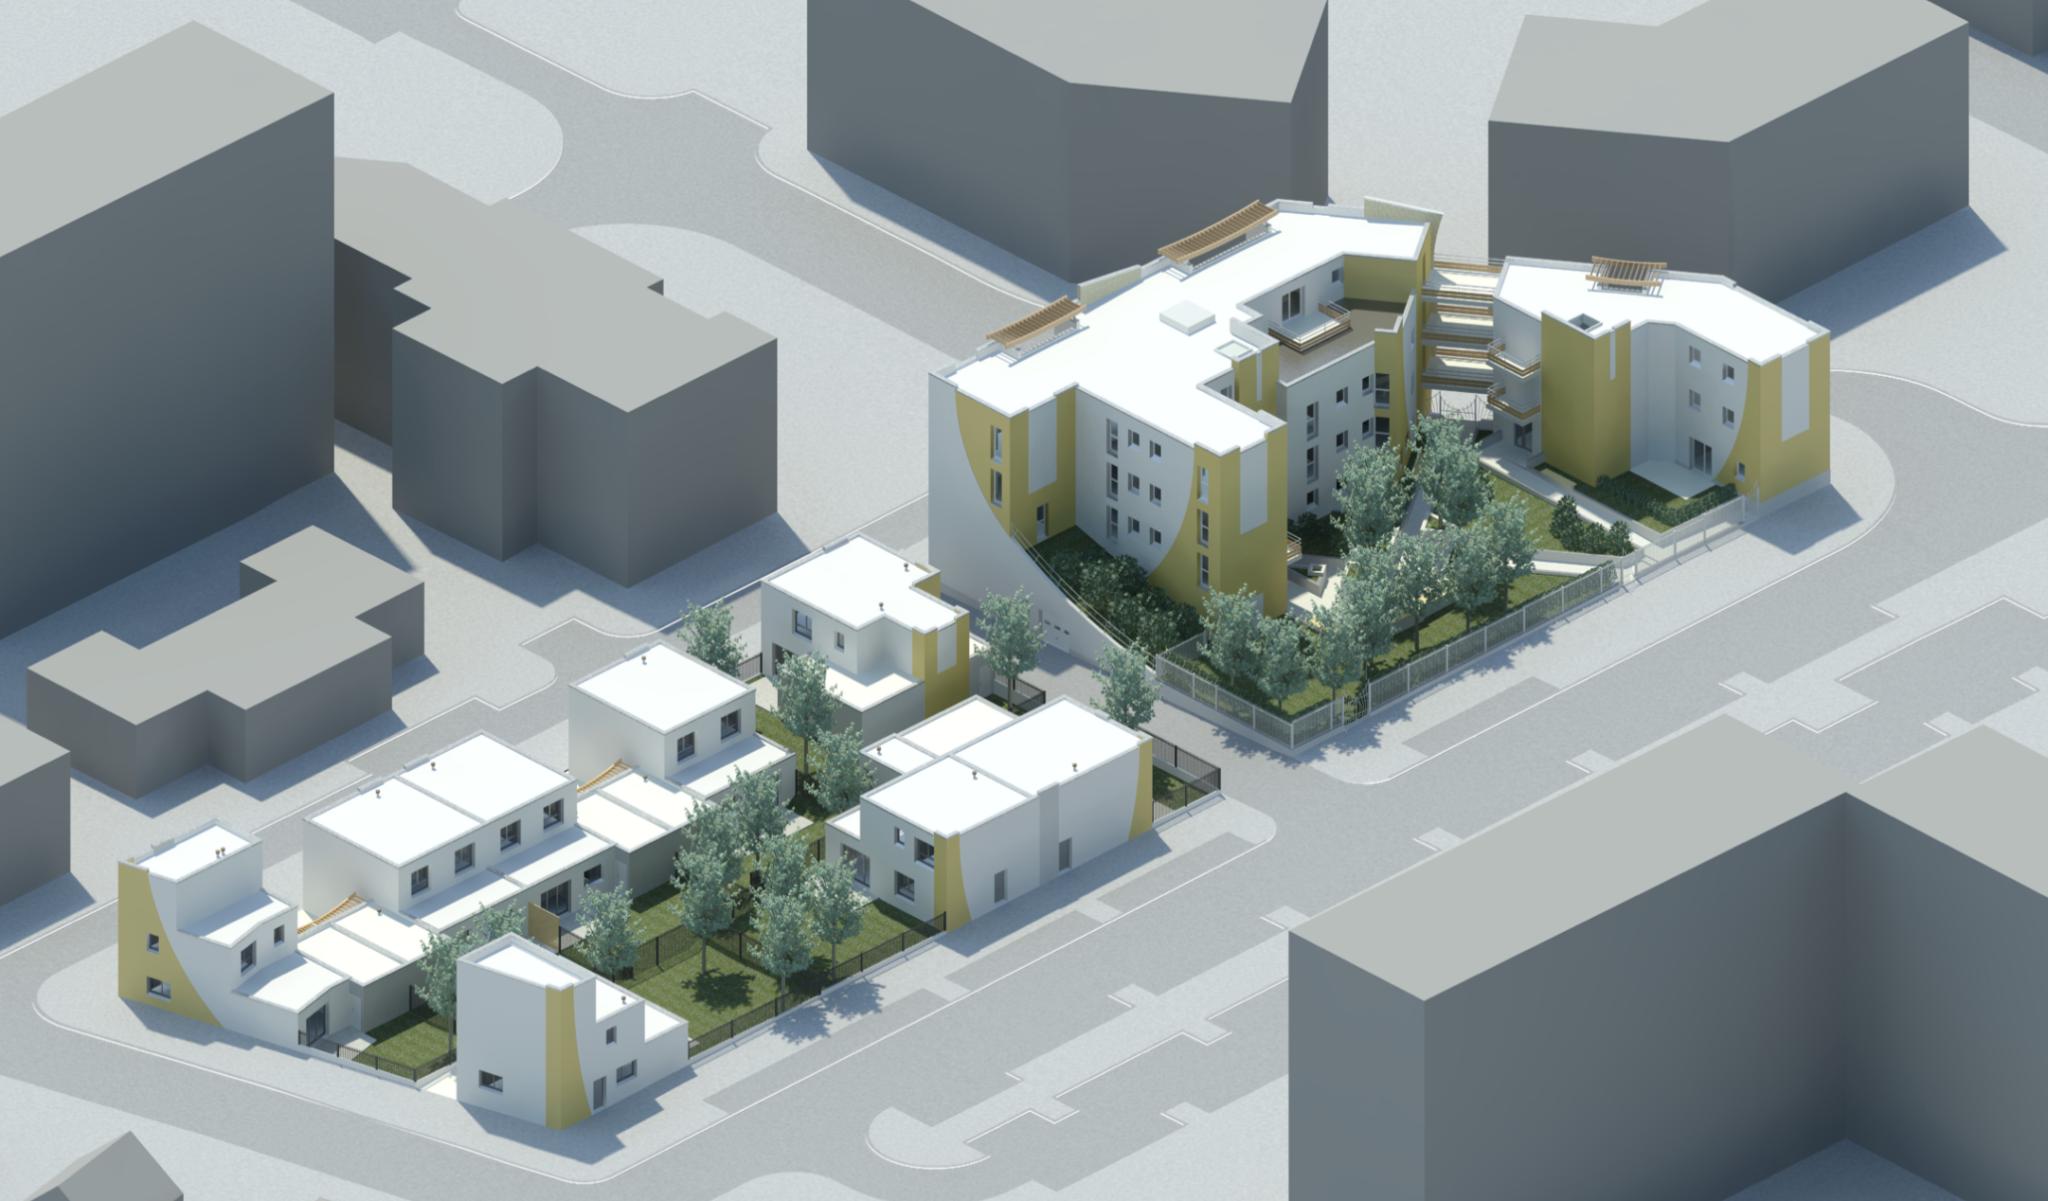 Plan 3D d'un réaménagement urbain avec des logements collectif en banlieue parisienne